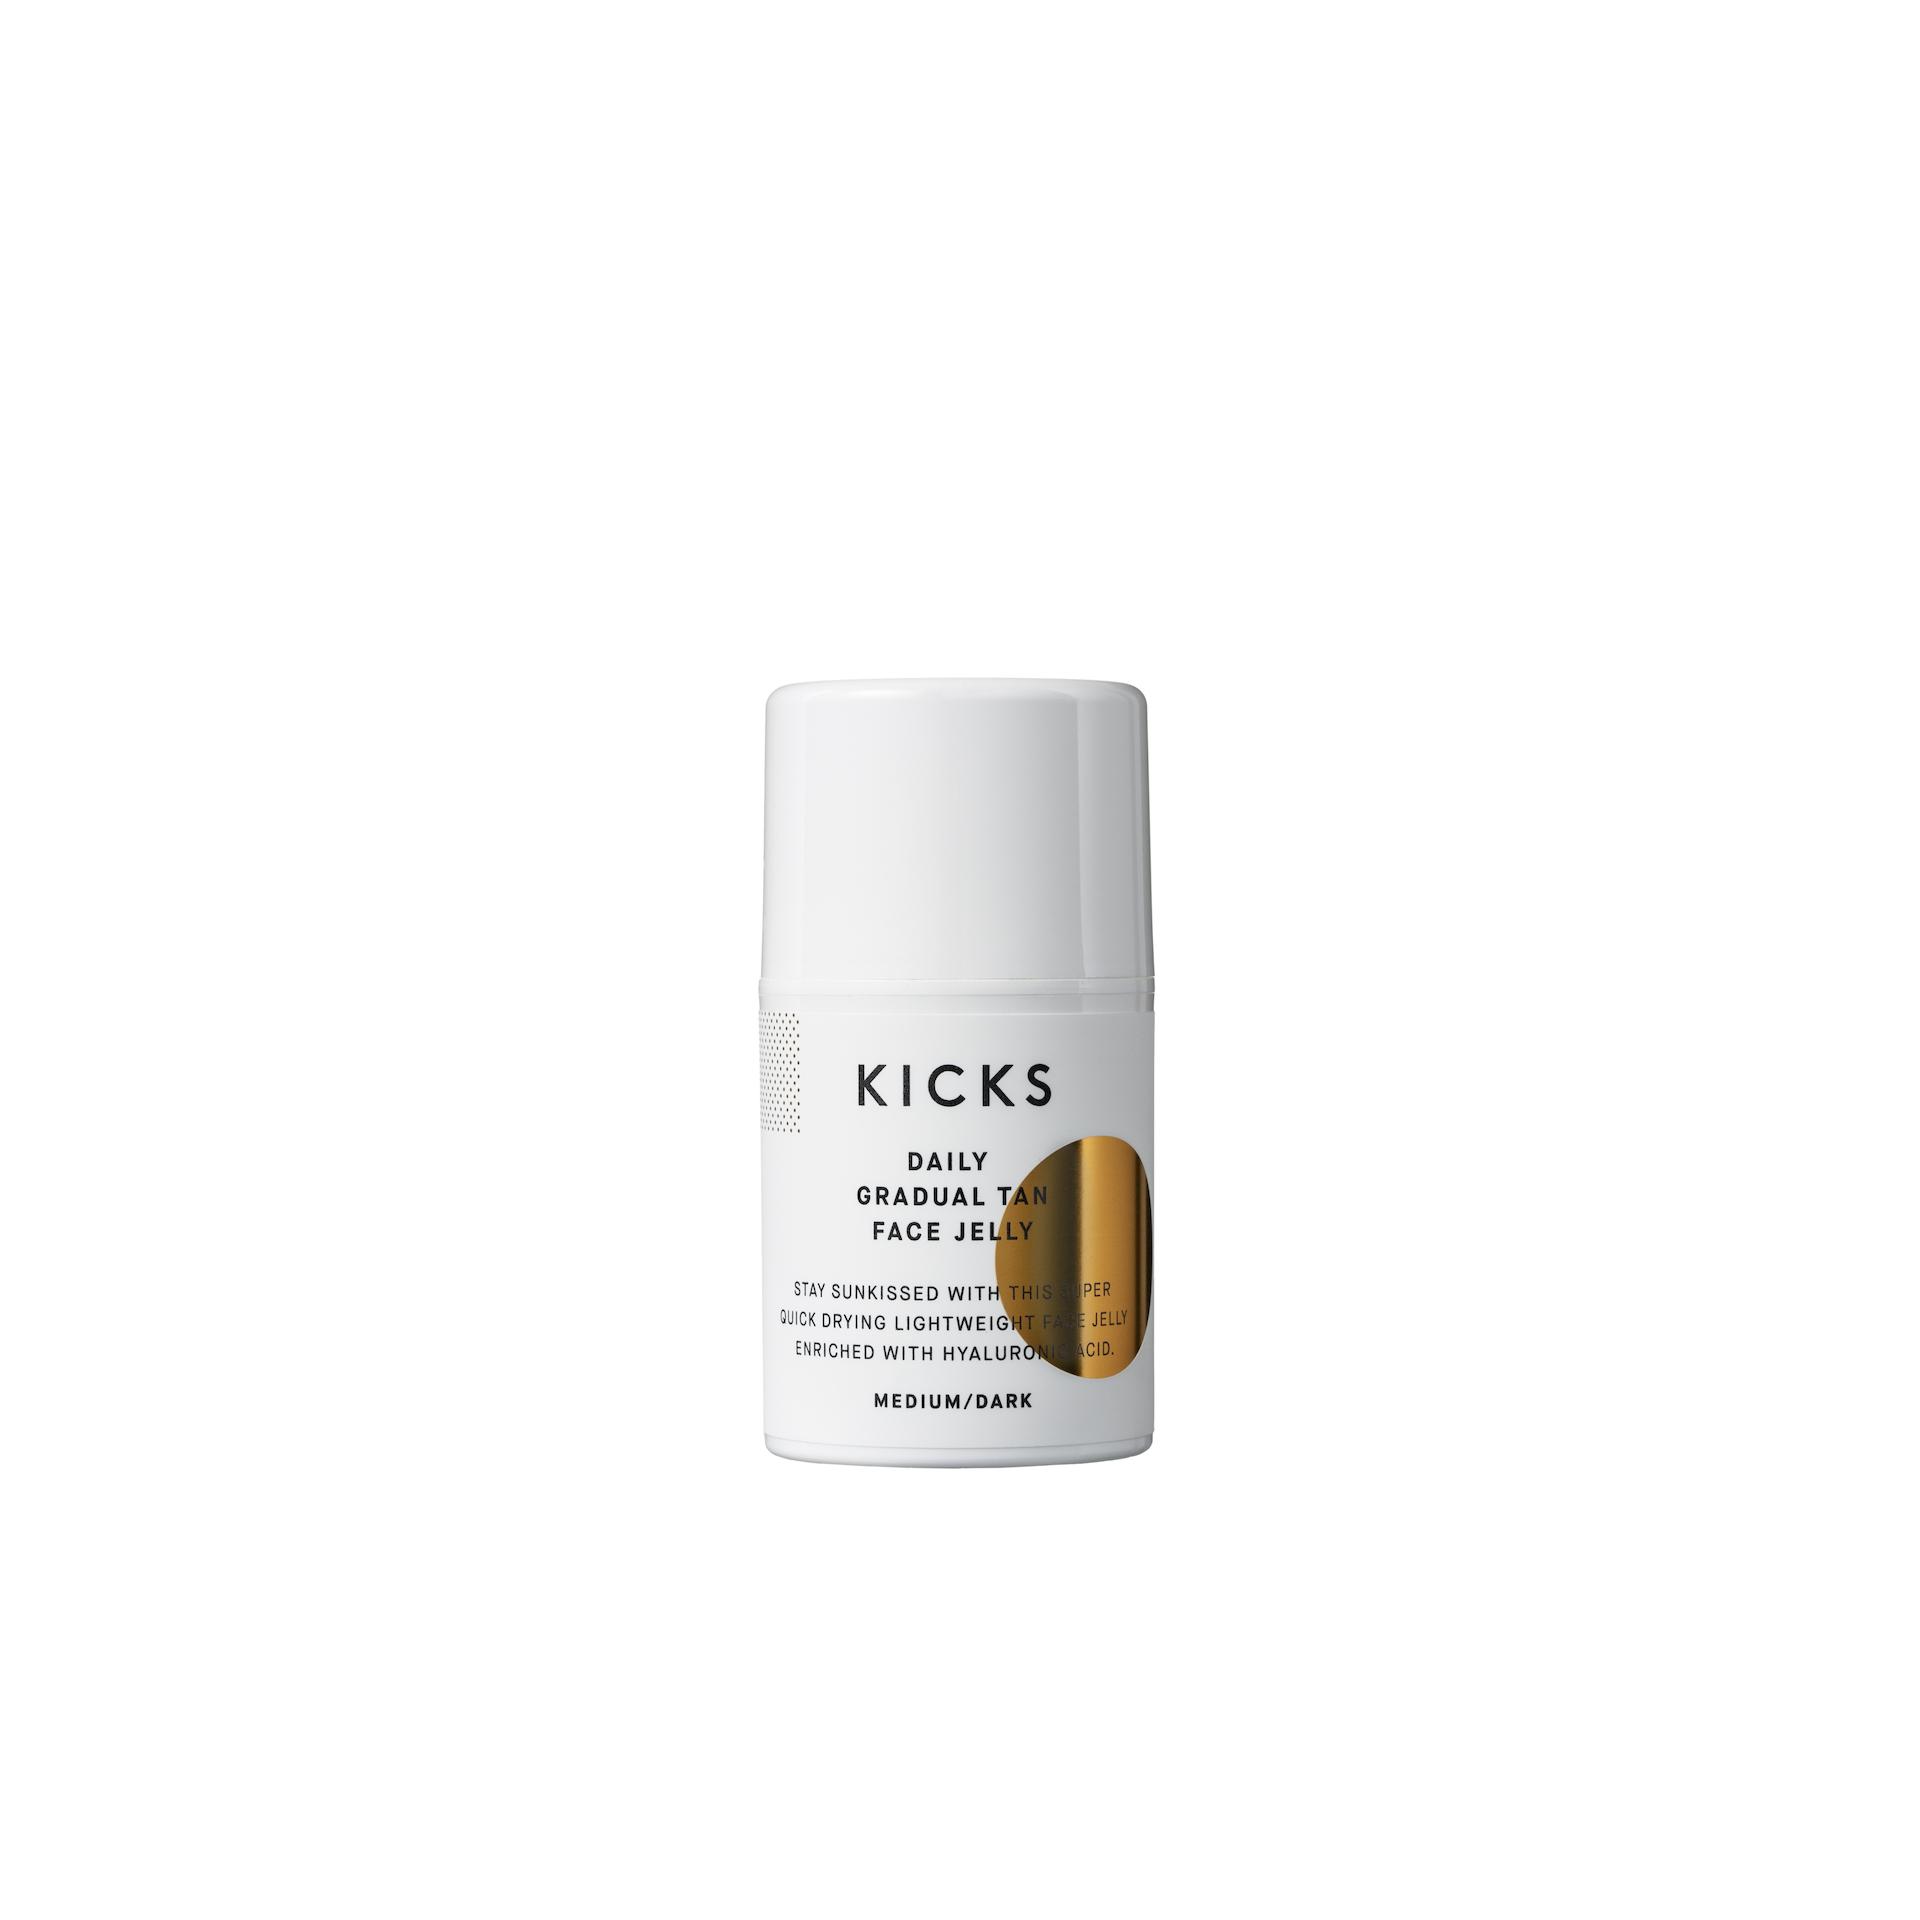 Daily Gradual Tan Quick-Drying Face Jelly Medium/Dark, 50ml